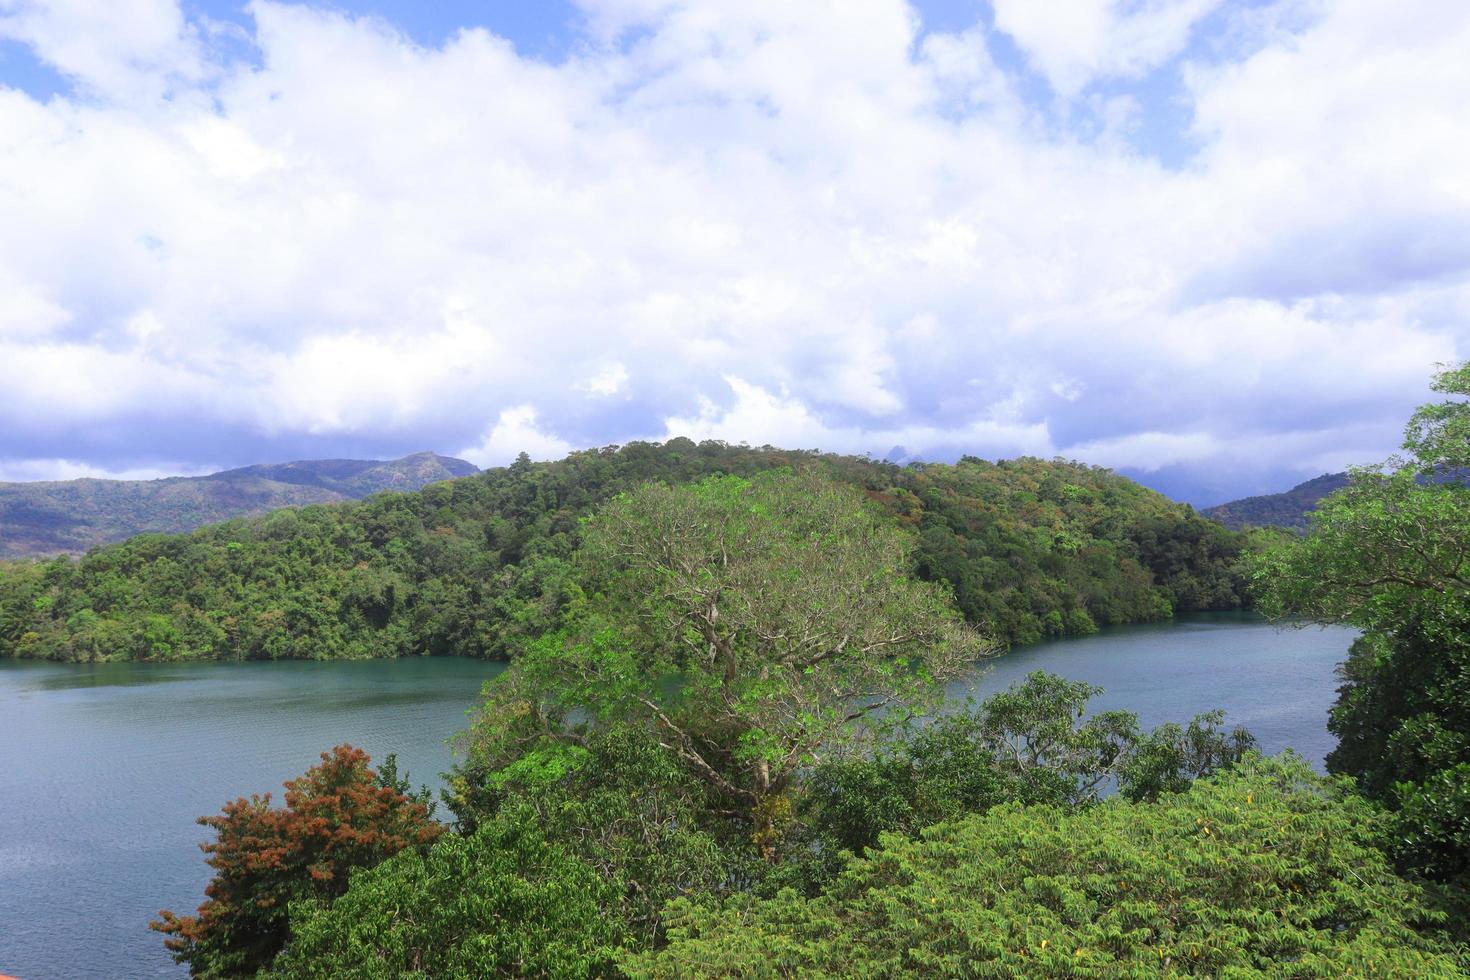 lago y montañas foto